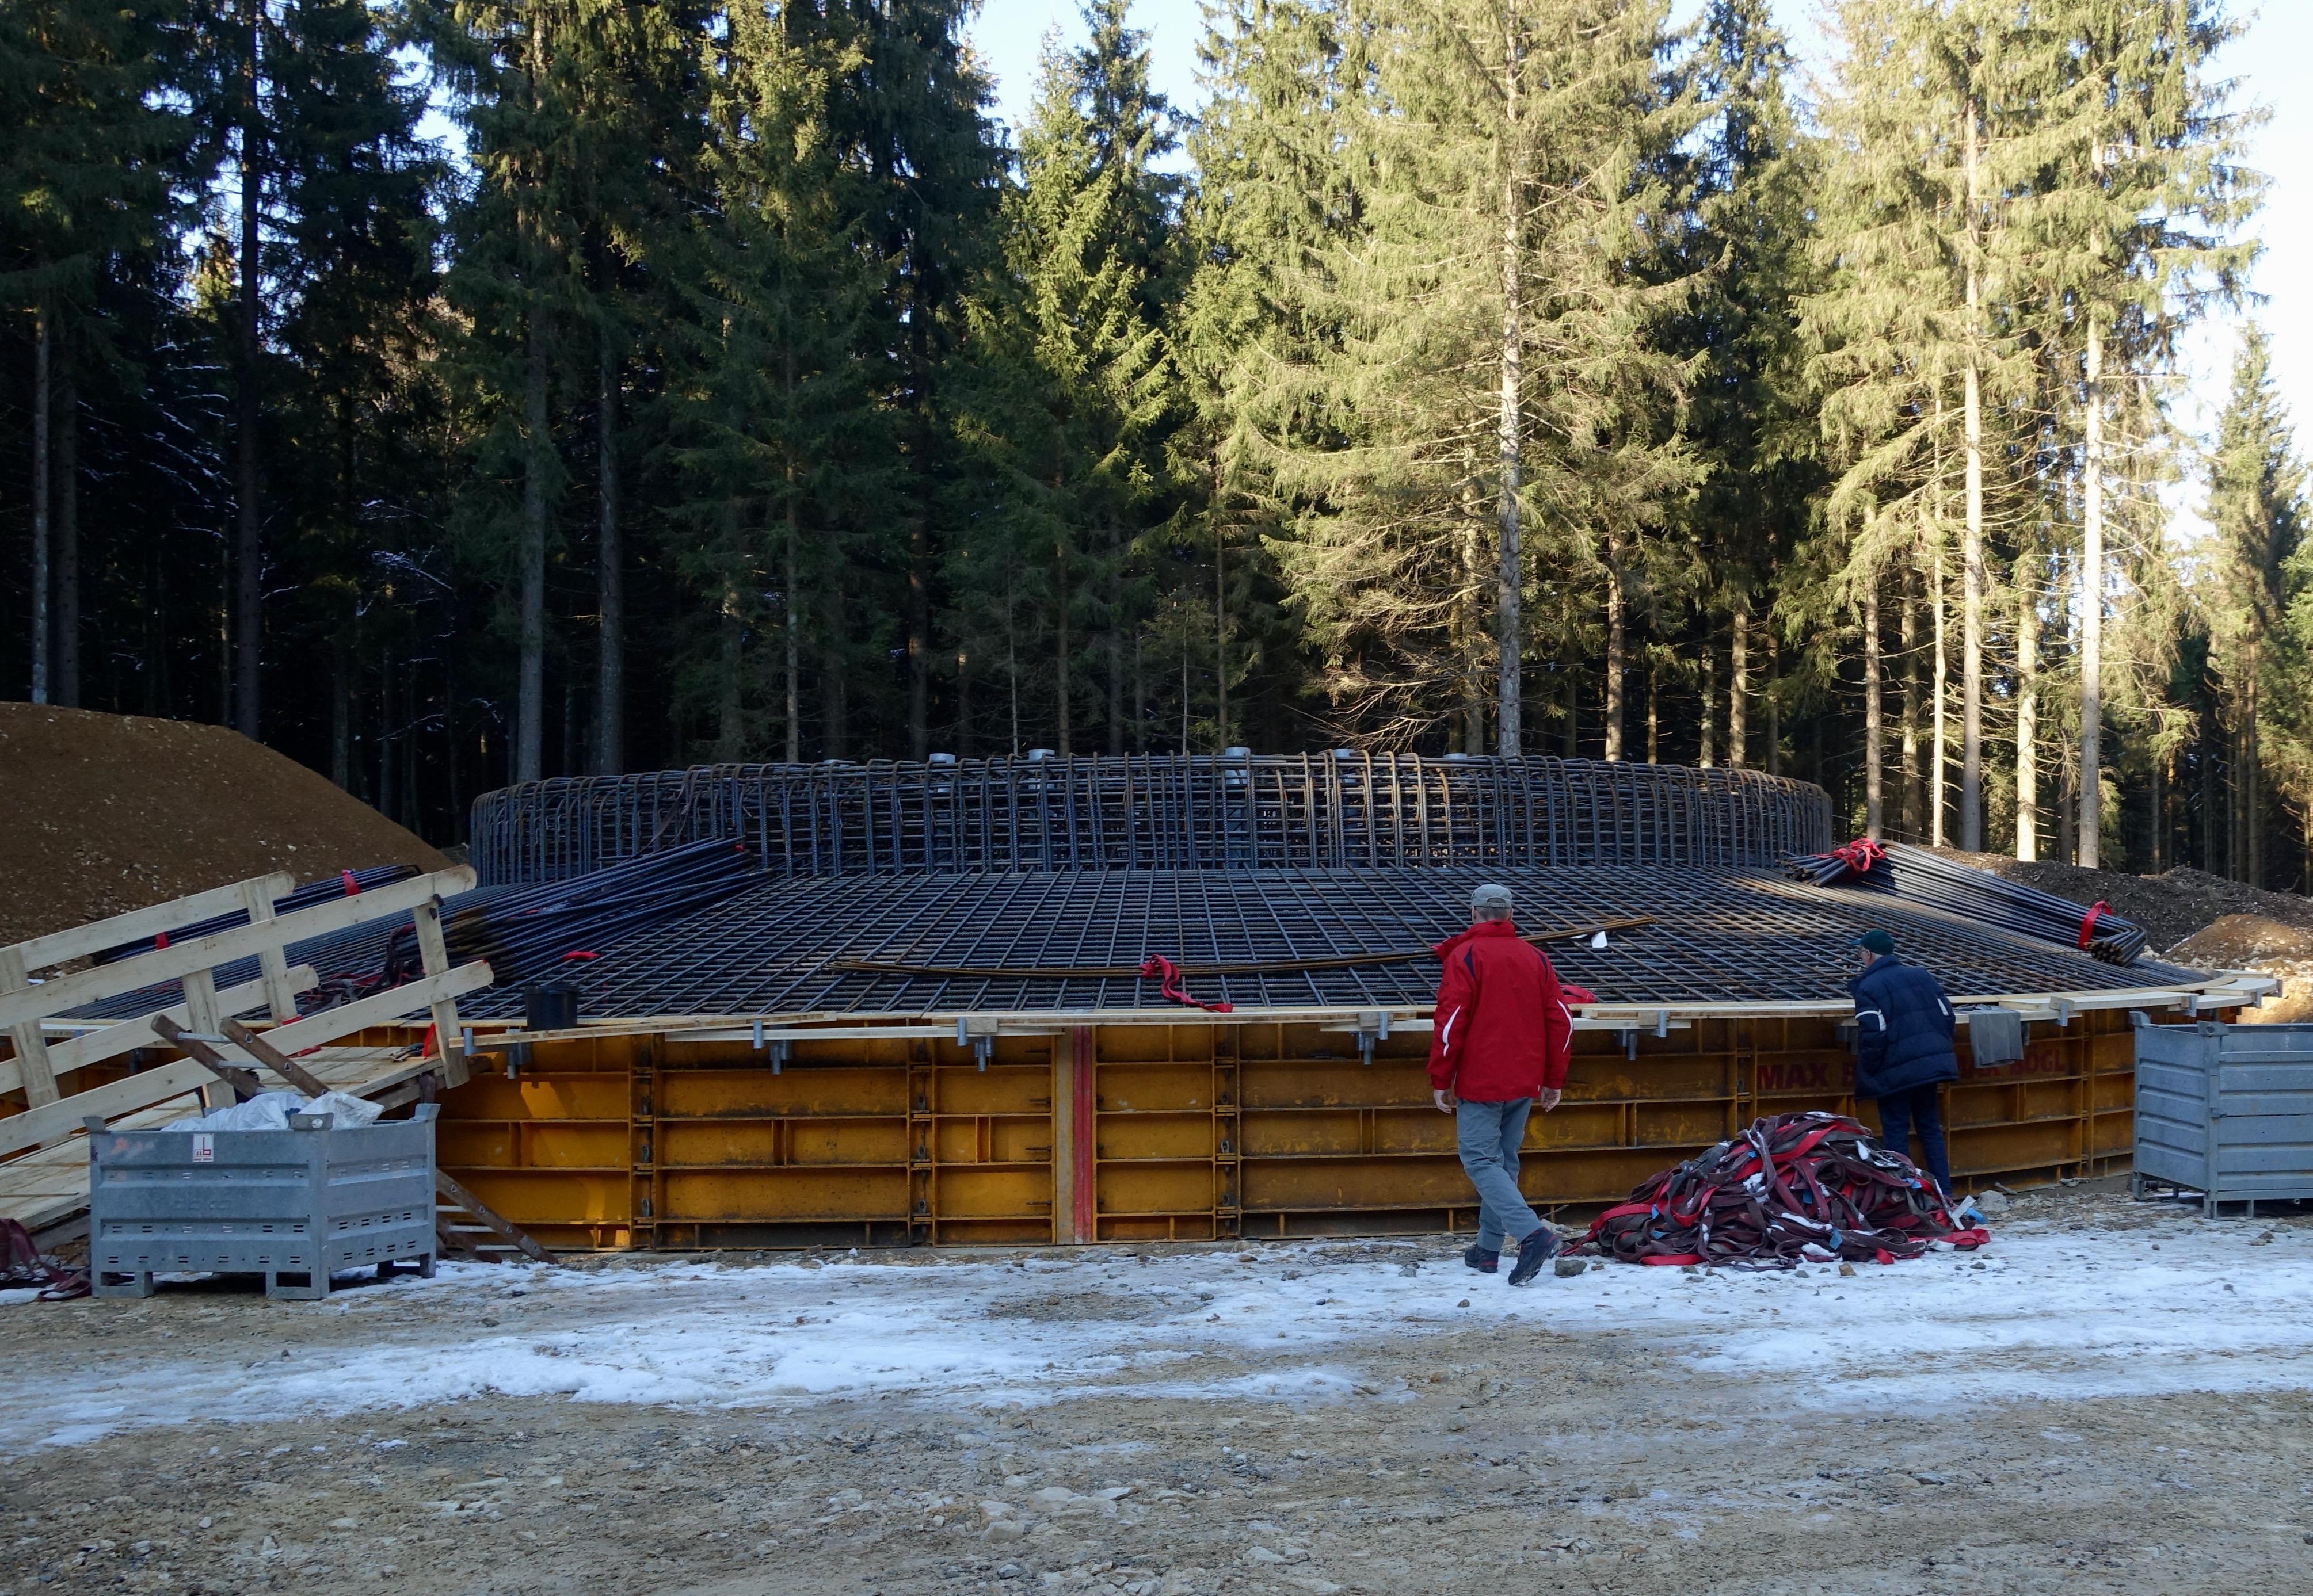 Fundament eines Windrads im Wald bei Lauterstein